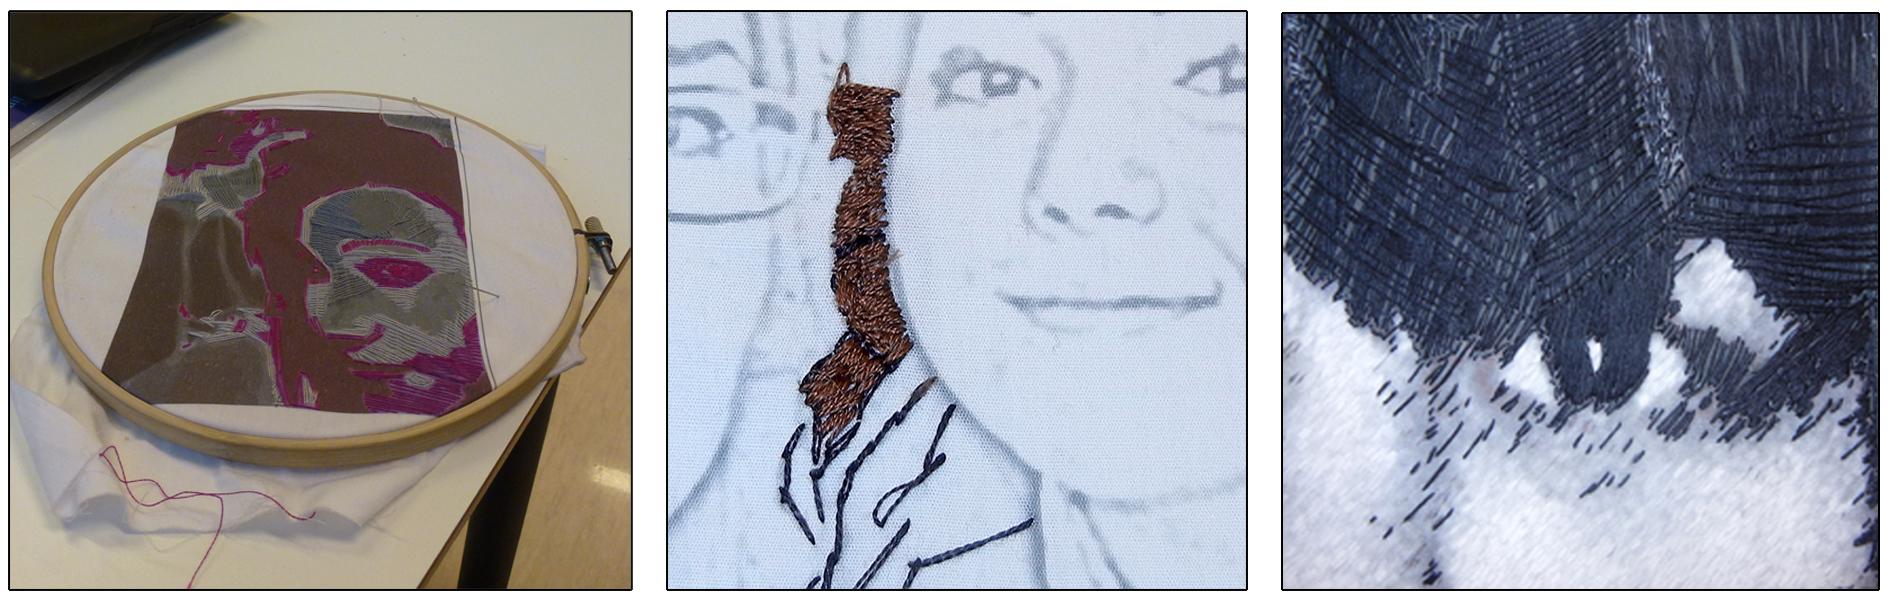 Broderramme med oppspendt stoff og motiv. Detaljer av brodert ansikt.